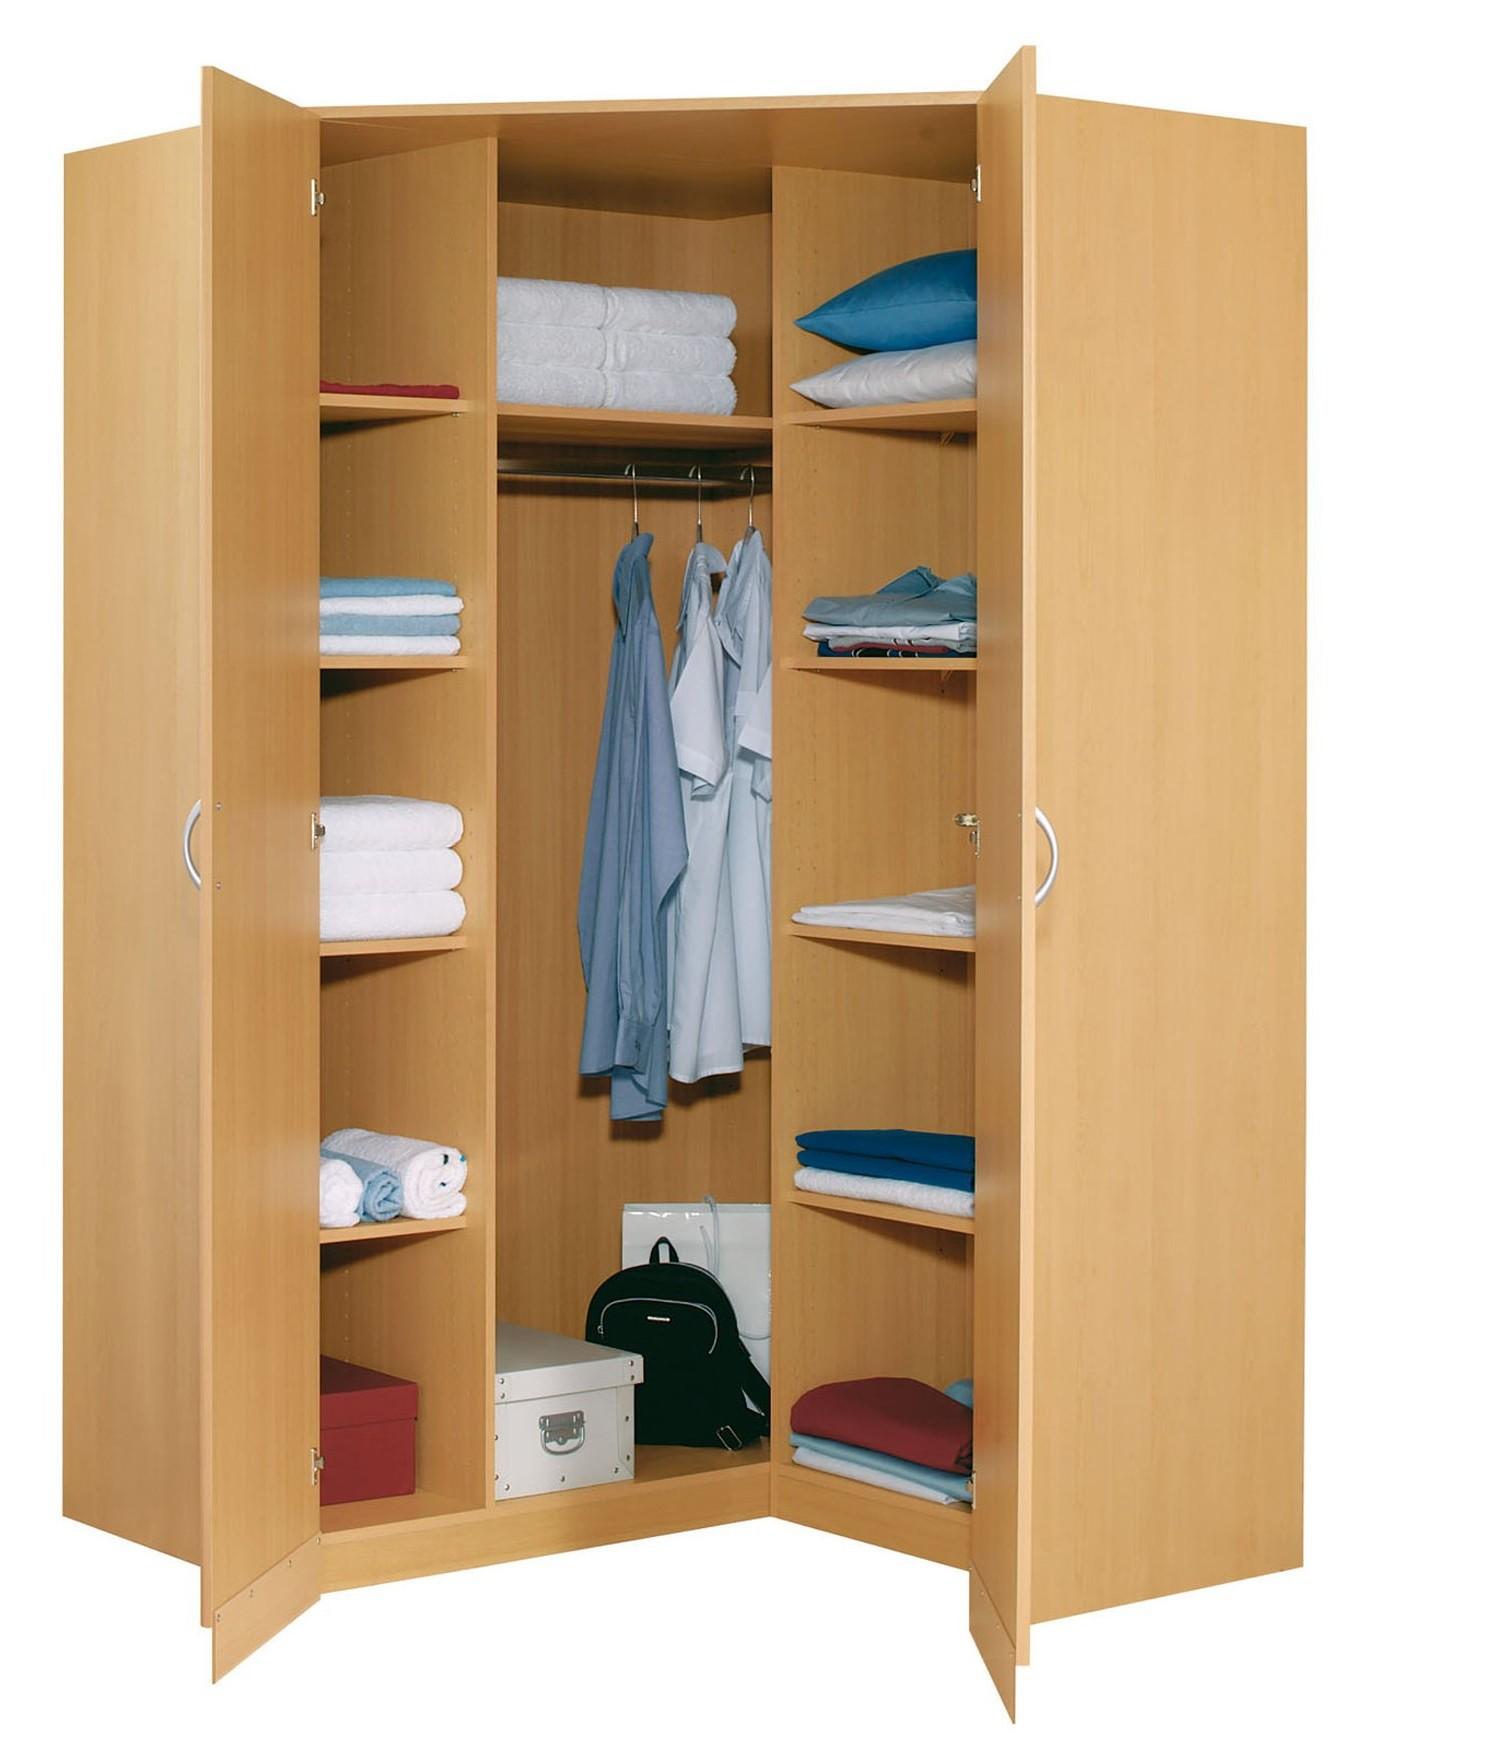 armoire d 39 angle pour petite chambre chambre id es de d coration de maison 1plxooynwm. Black Bedroom Furniture Sets. Home Design Ideas